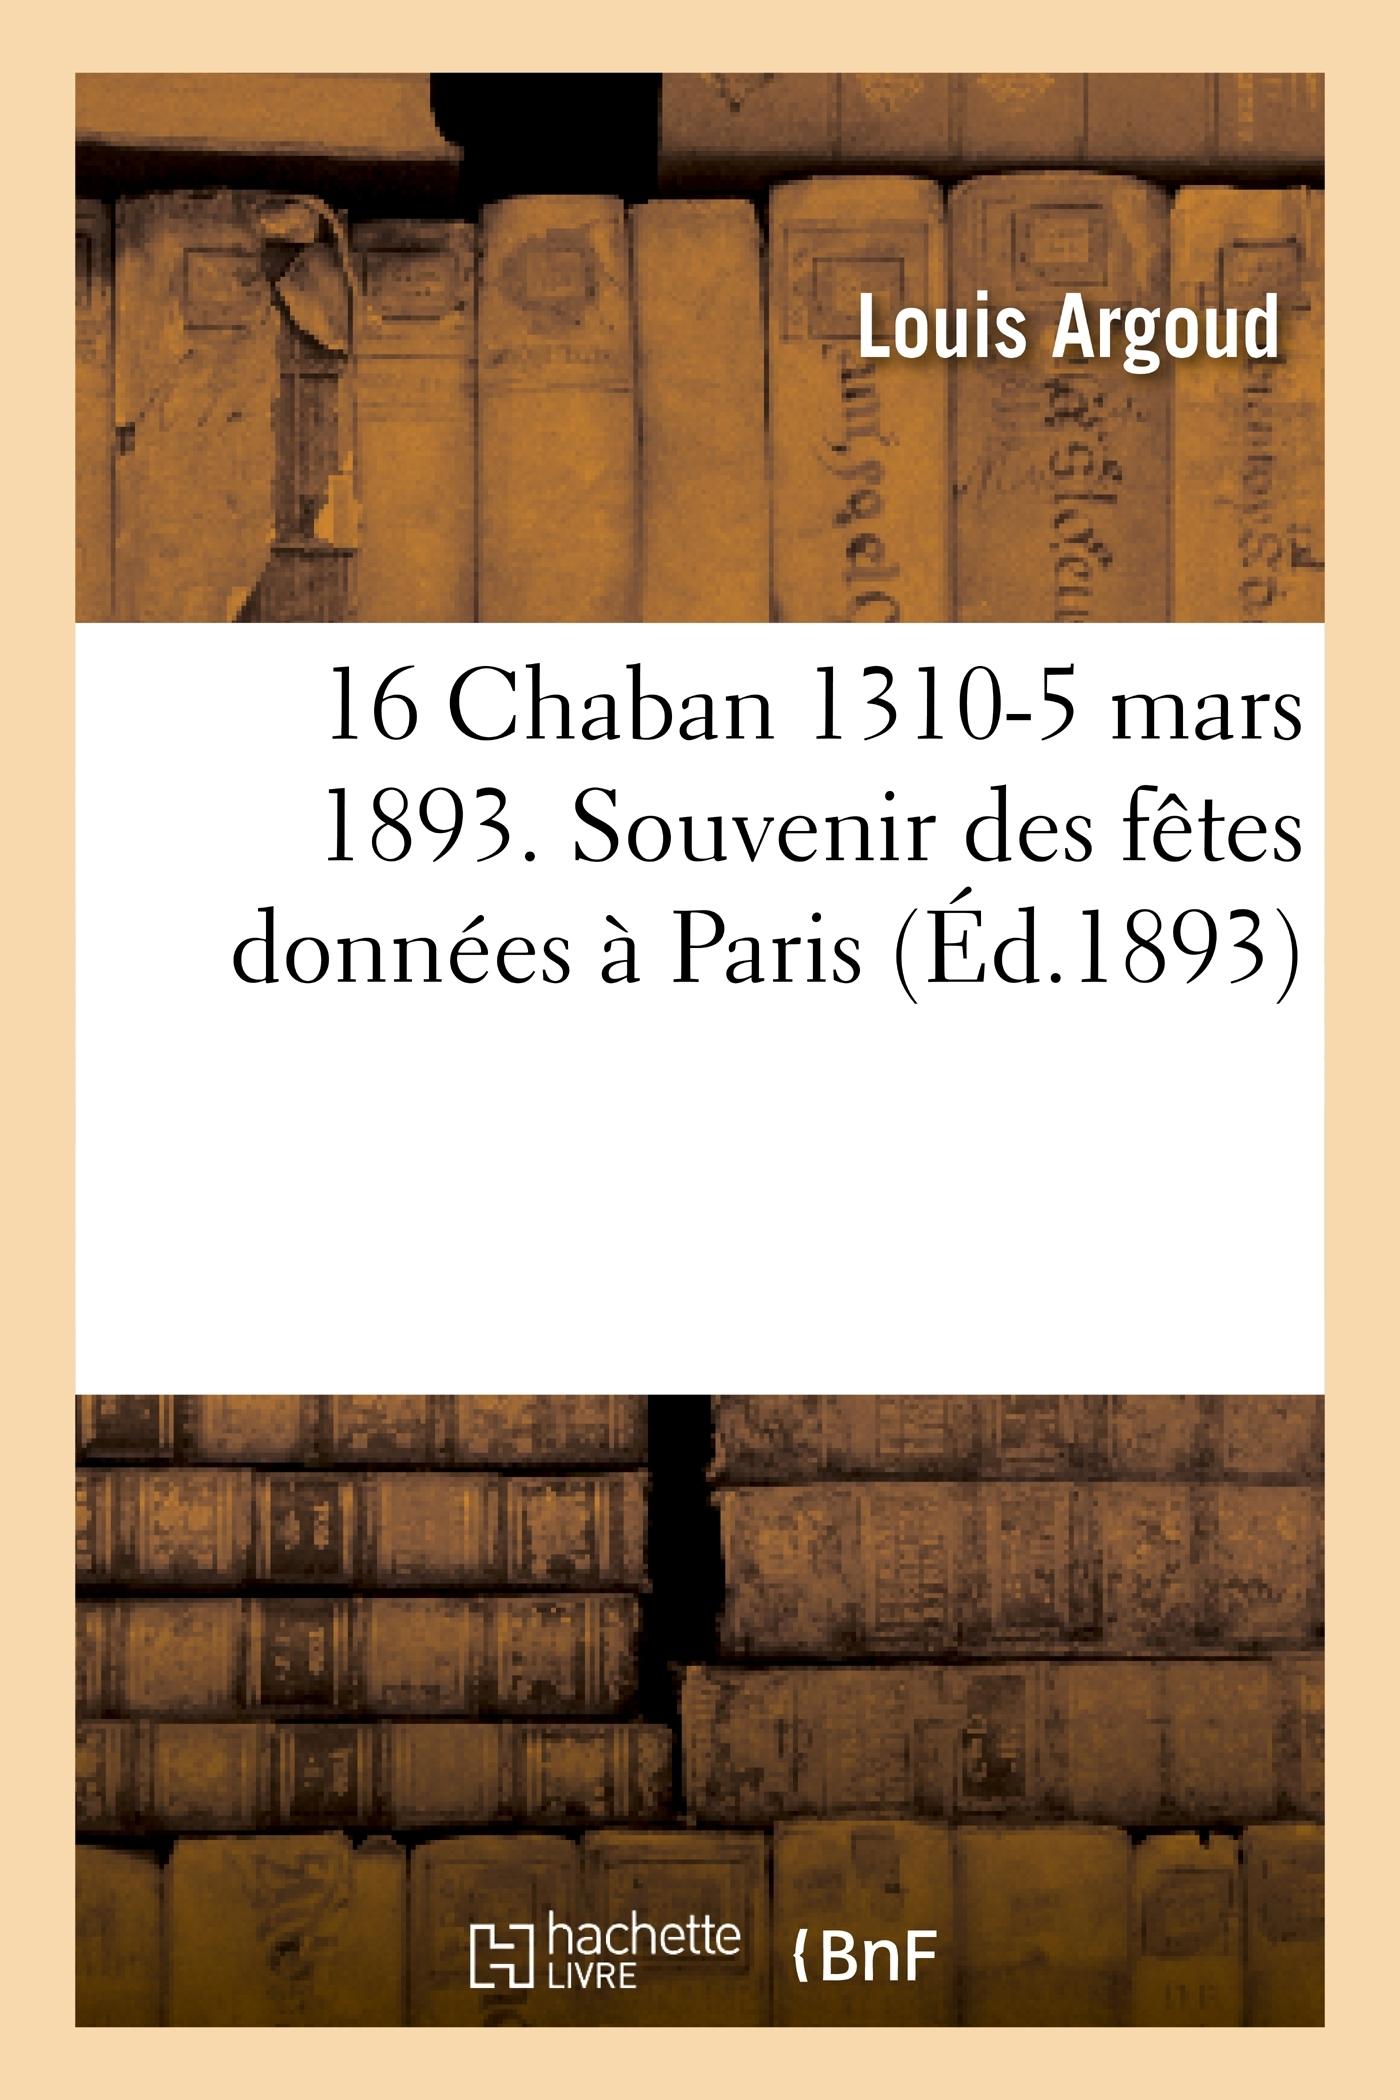 16 CHABAN 1310-5 MARS 1893. SOUVENIR DES FETES DONNEES A PARIS EN L'HONNEUR DE SA MAJESTE IMPERIALE